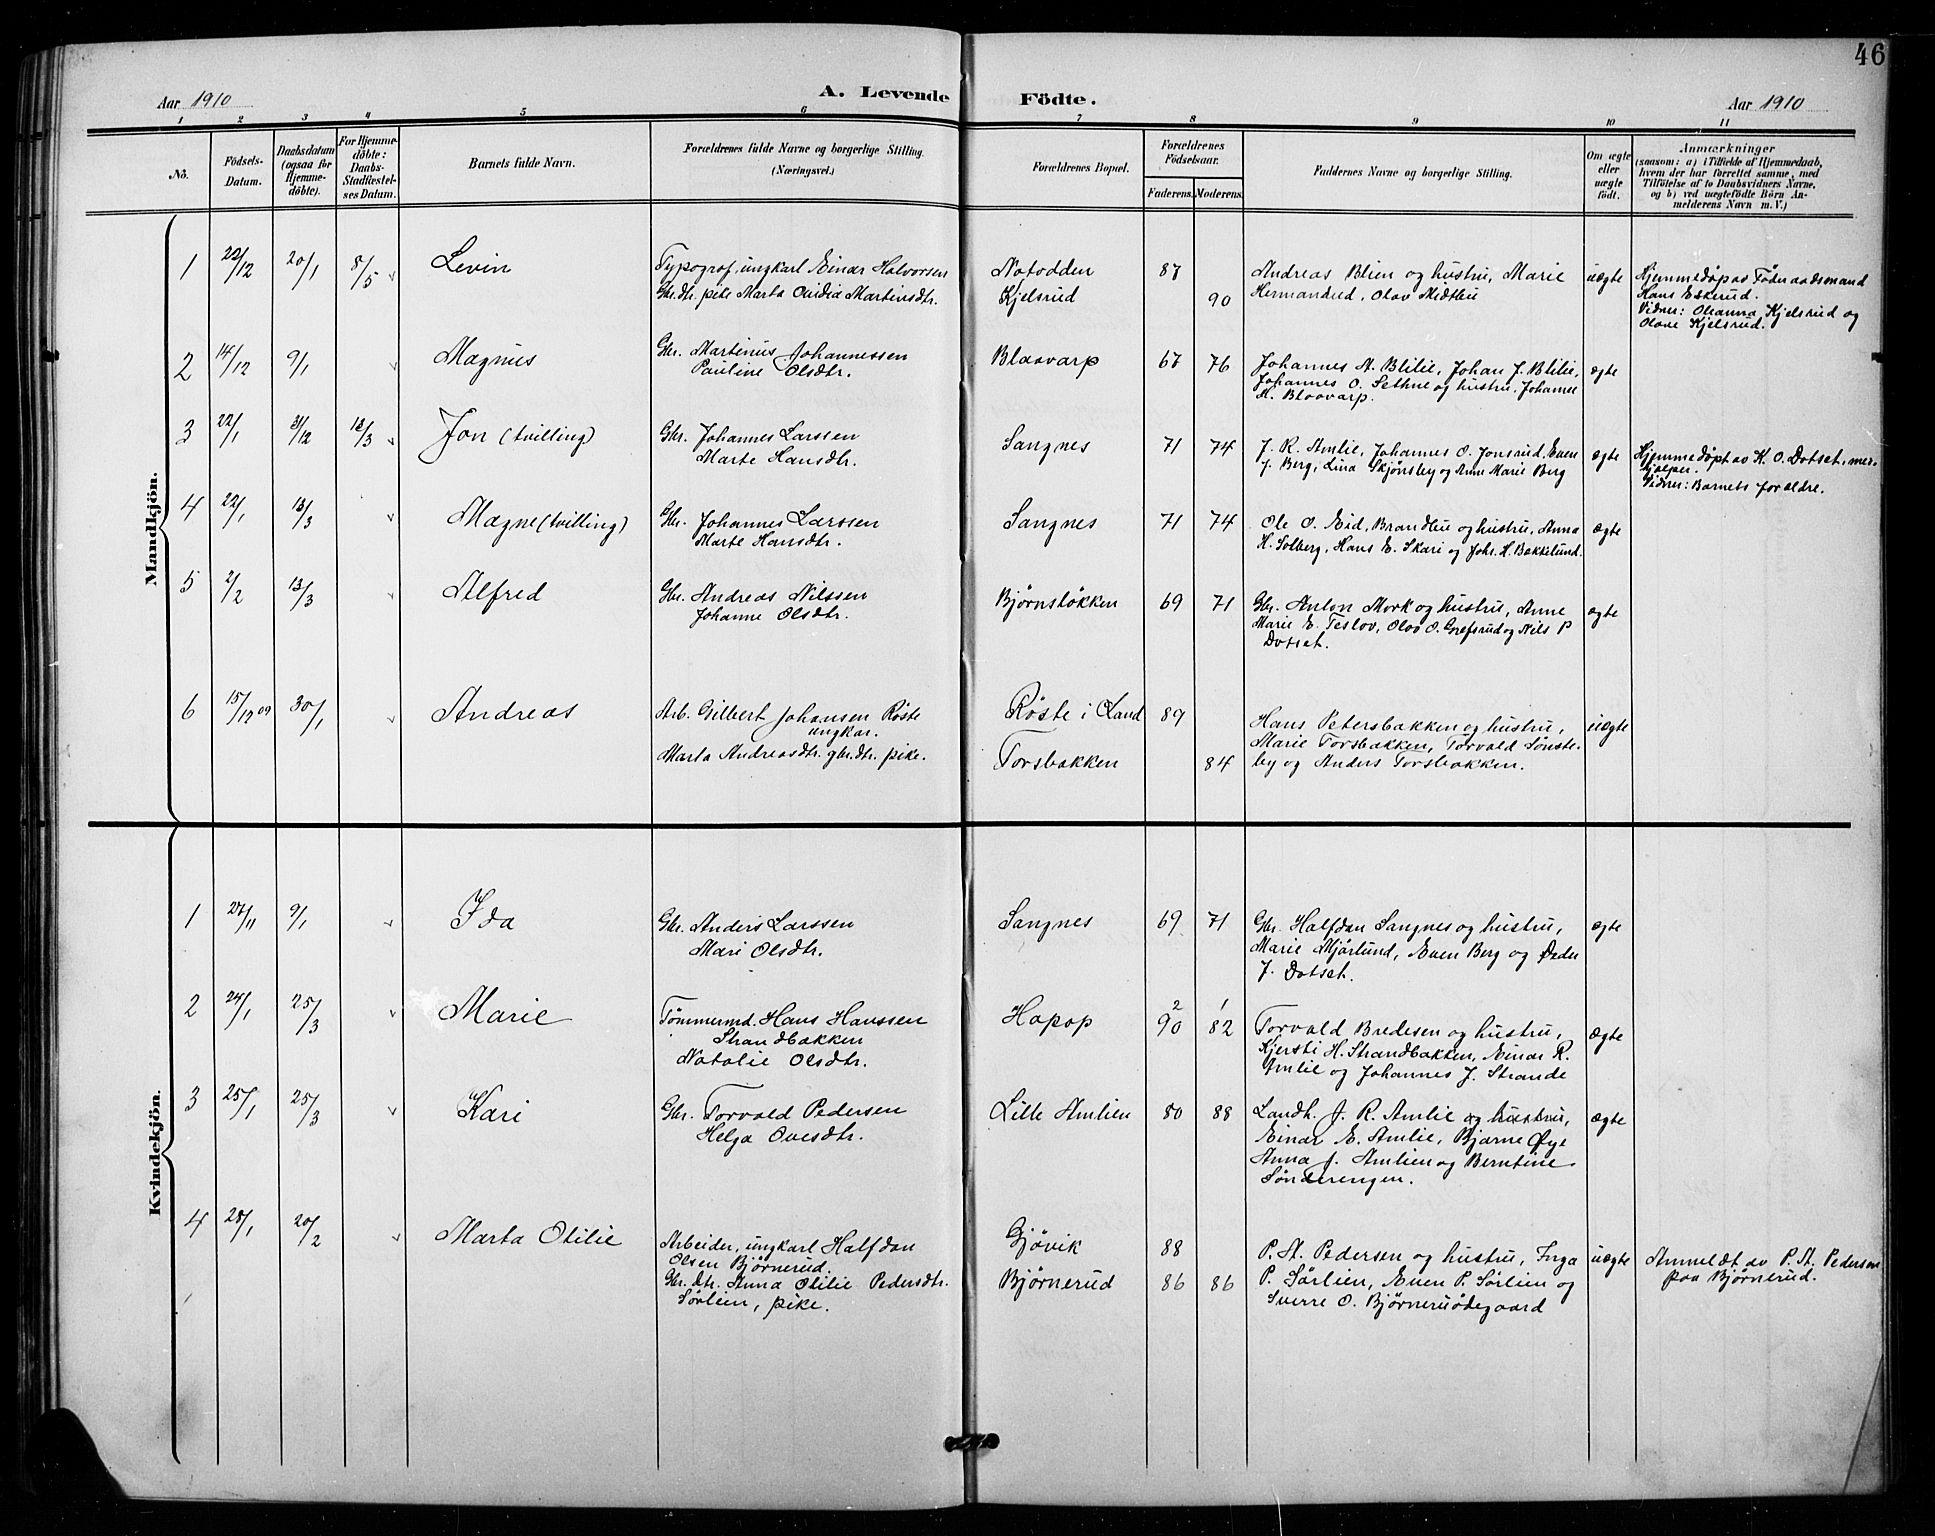 SAH, Vestre Toten prestekontor, H/Ha/Hab/L0016: Klokkerbok nr. 16, 1901-1915, s. 46